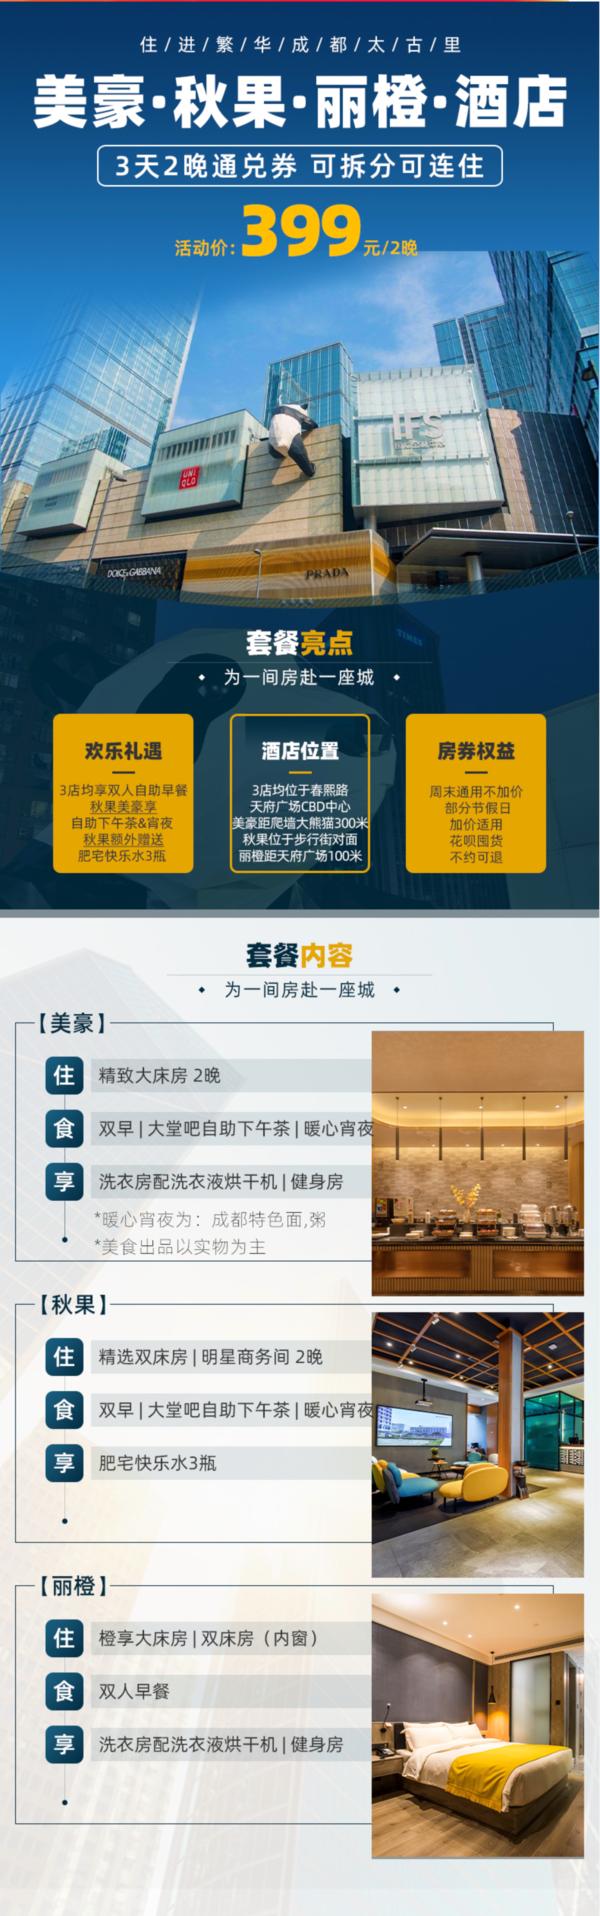 成都太古里美豪/秋果/丽橙酒店 2晚3店通兑(含早、可拆分)